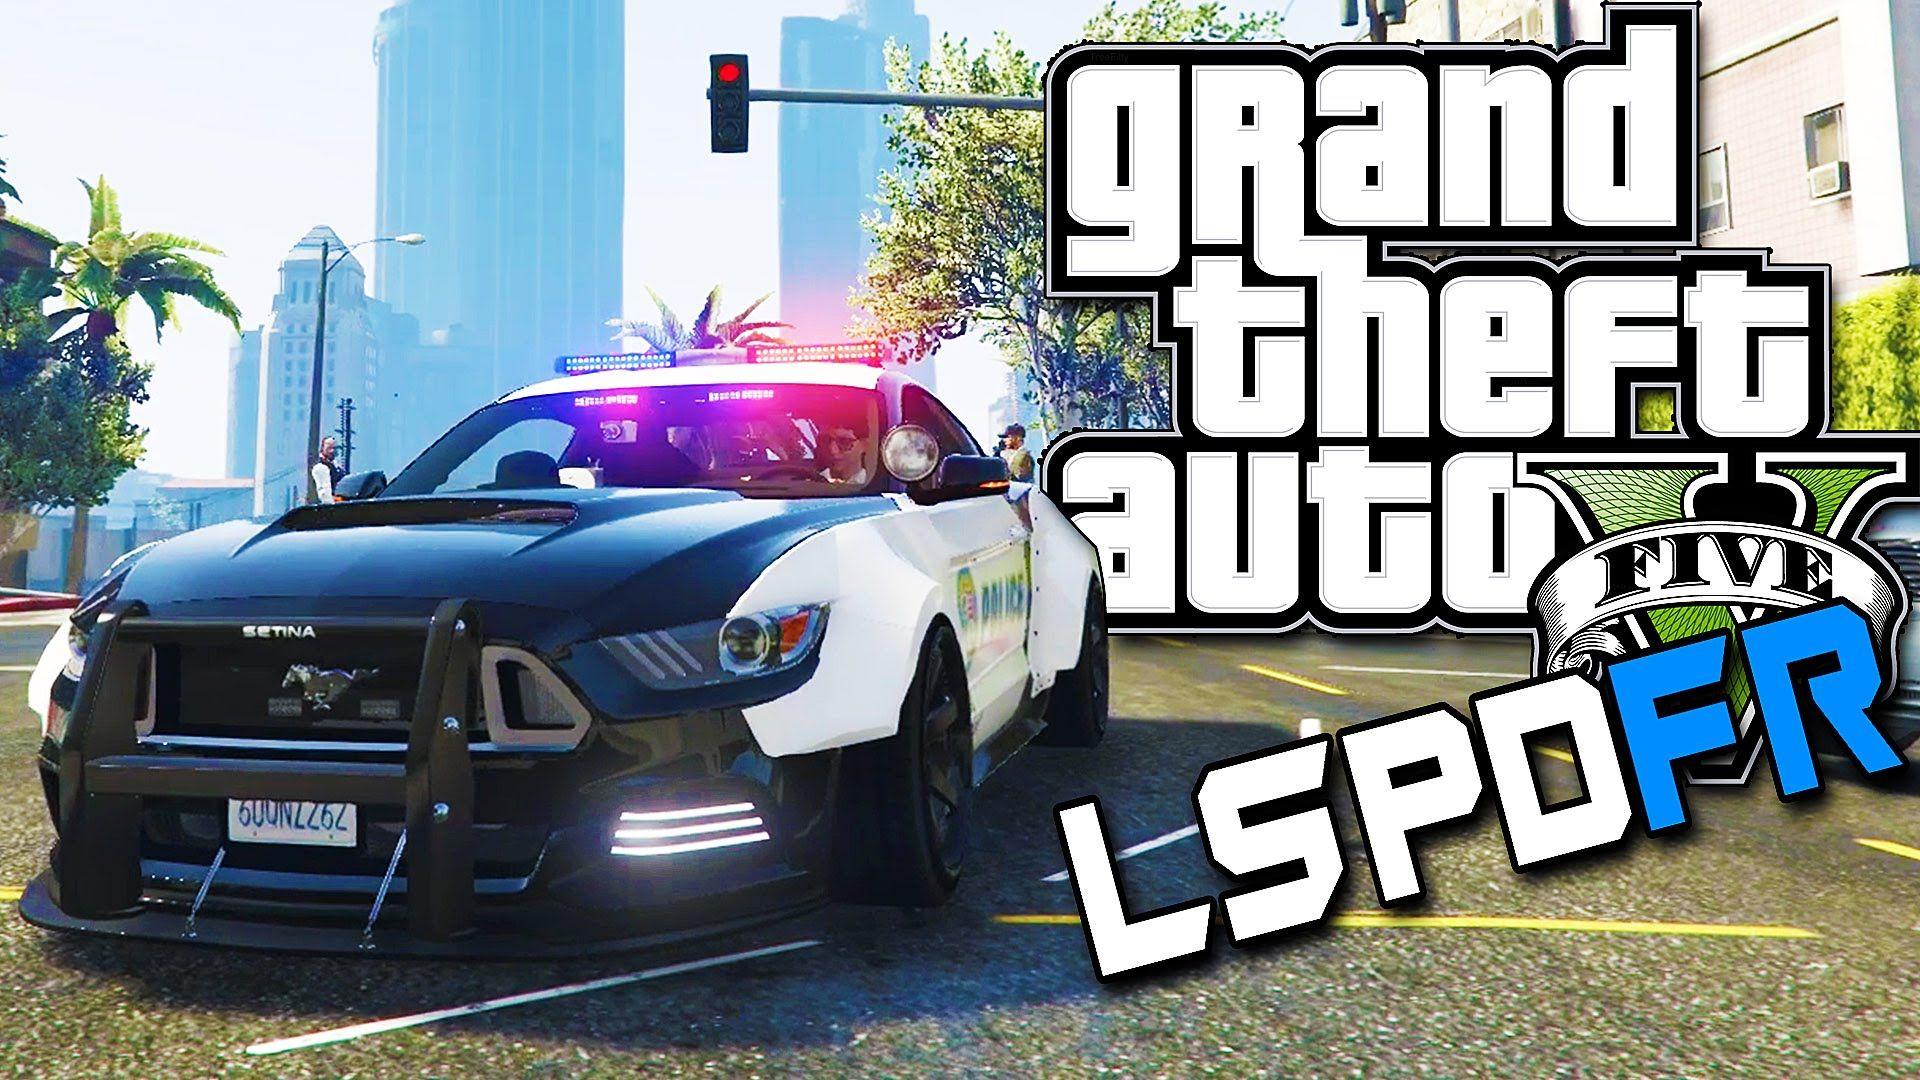 Gta 5 Lspdfr 9 Crazy Mustang Gt Police Car Mustang Gt